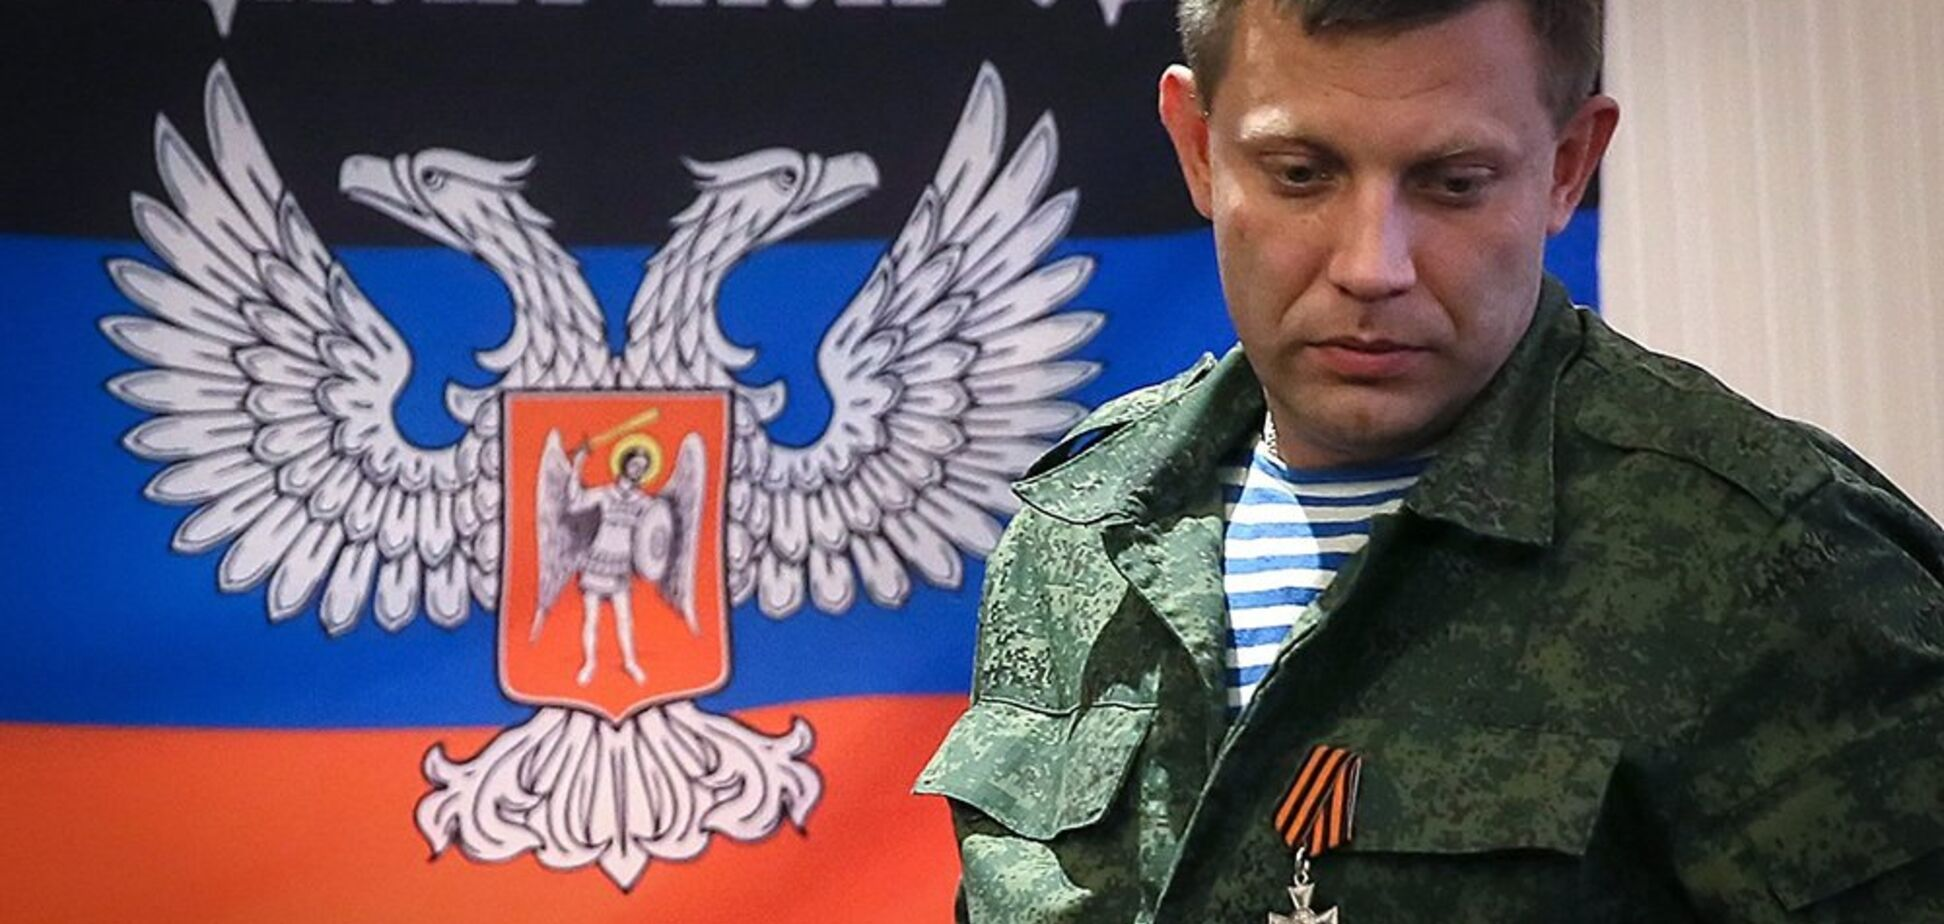 Захарченка вбили: все, що відомо про ліквідацію ватажка 'ДНР'